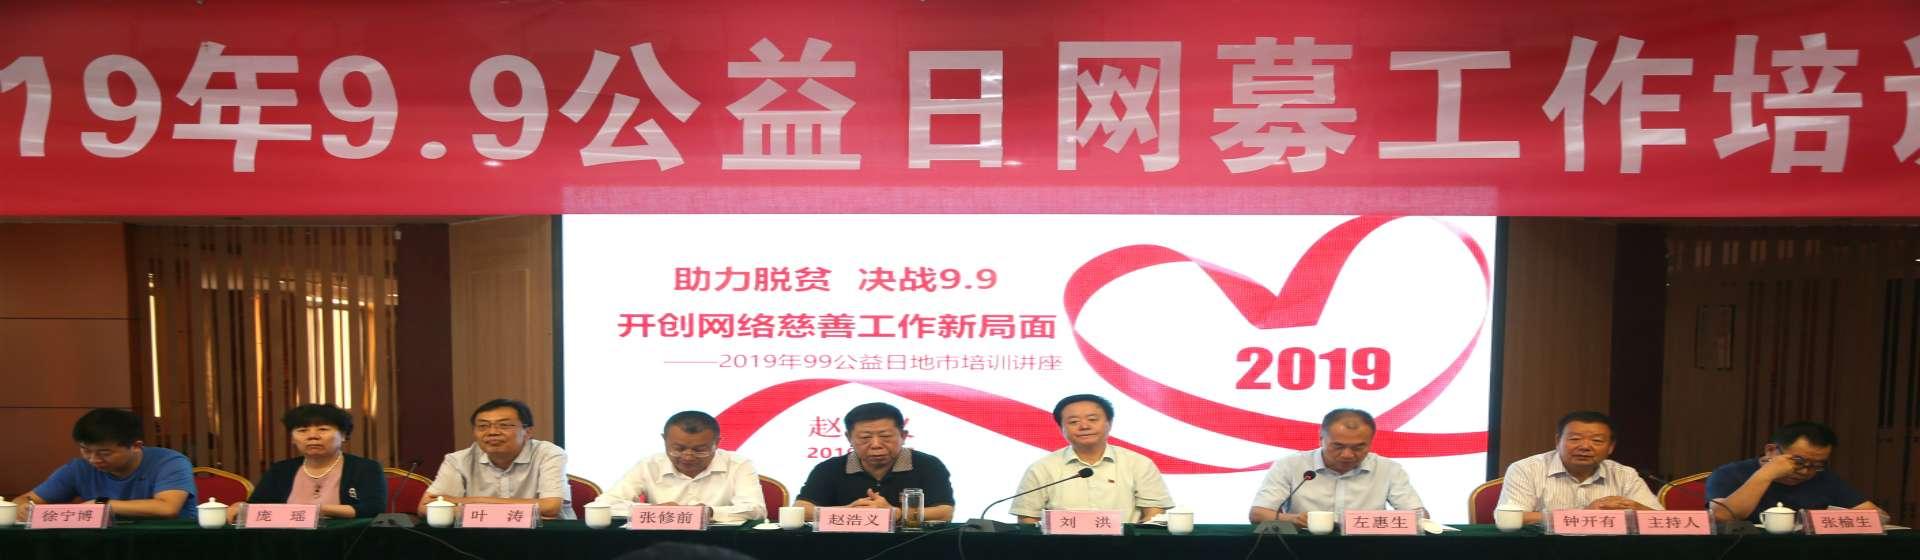 """榆林市2019年""""9.9公益日""""网募工作培训动员会召开"""